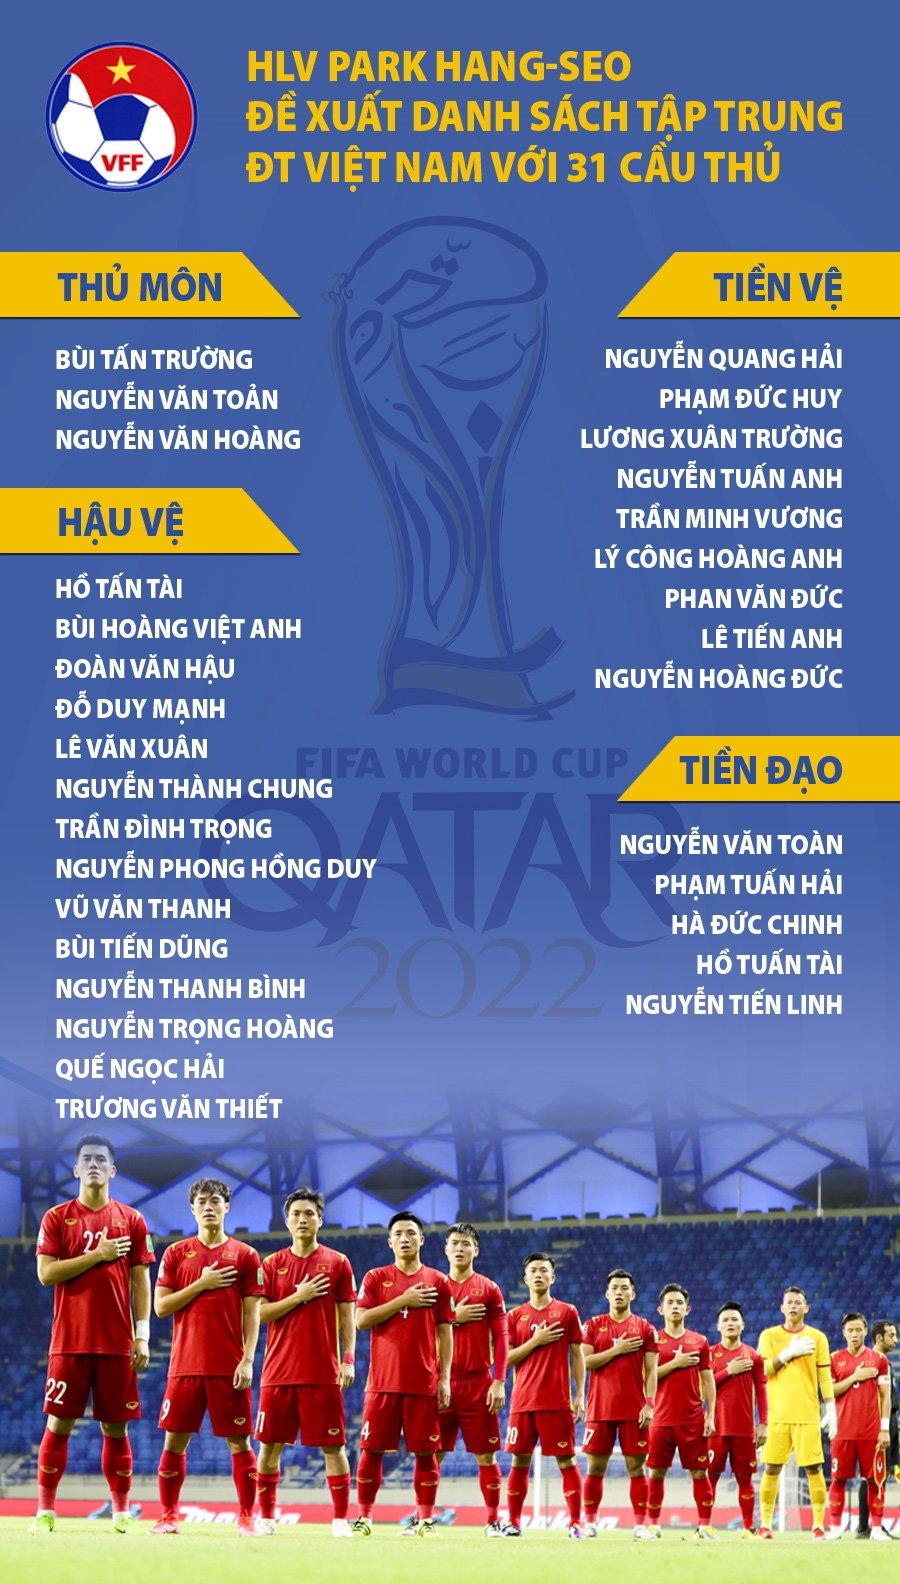 Danh sách 31 cầu thủ được HLV triệu tập lên tuyển Việt Nam. Ảnh: VFF.